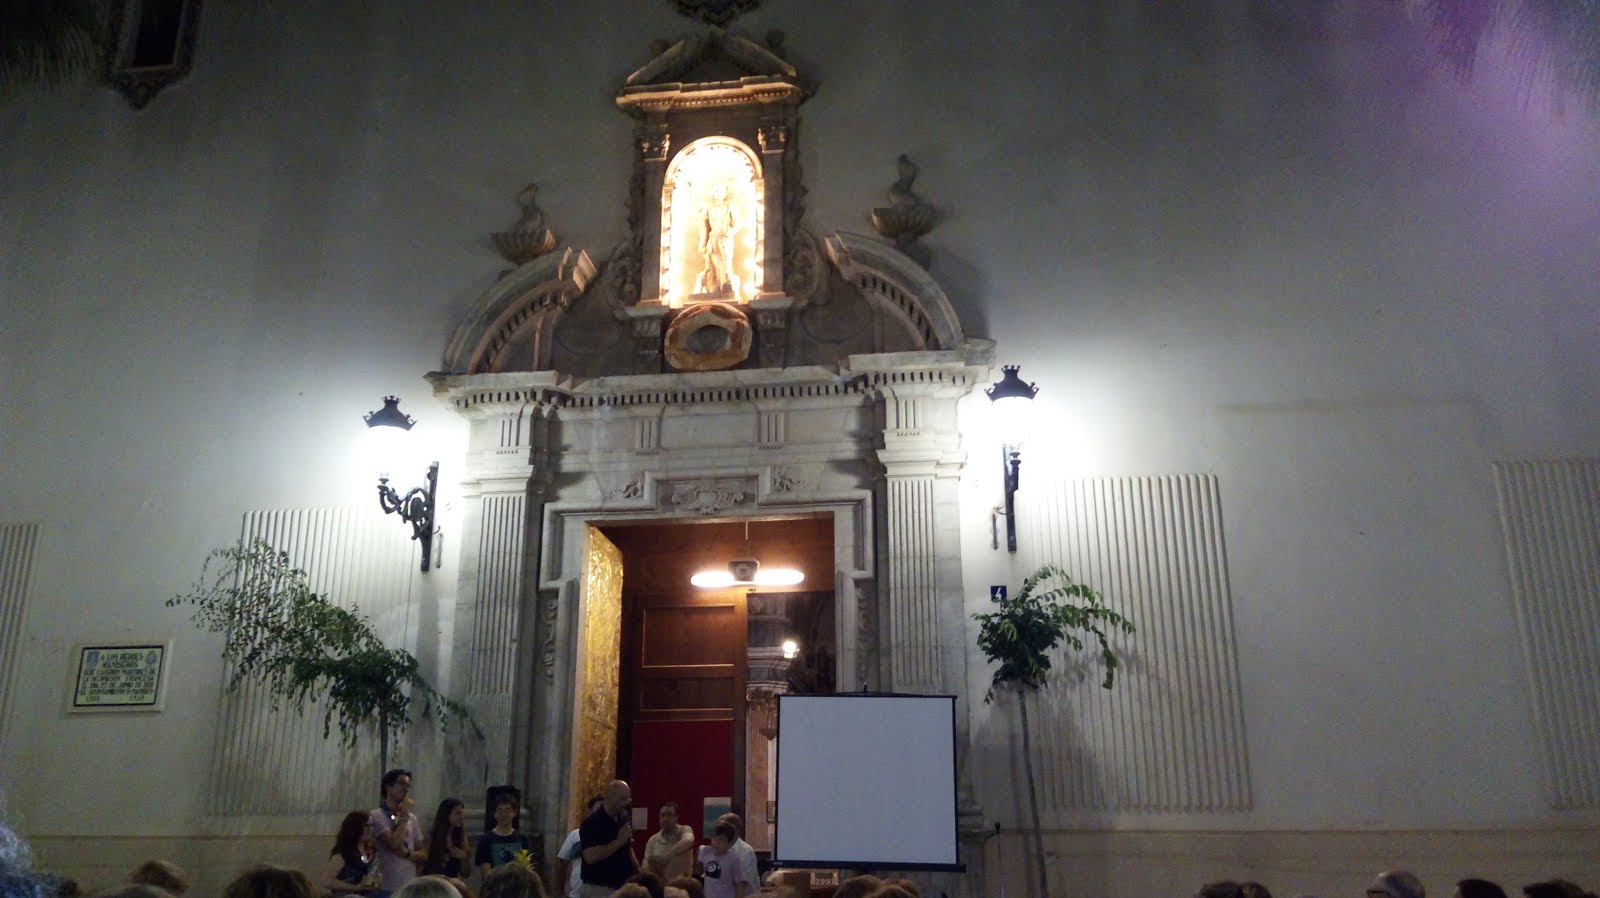 23.06.17 FESTA A SANT JOAN, SOPAR EN LA PARROQUIA DE SANT JOAN BATISTE